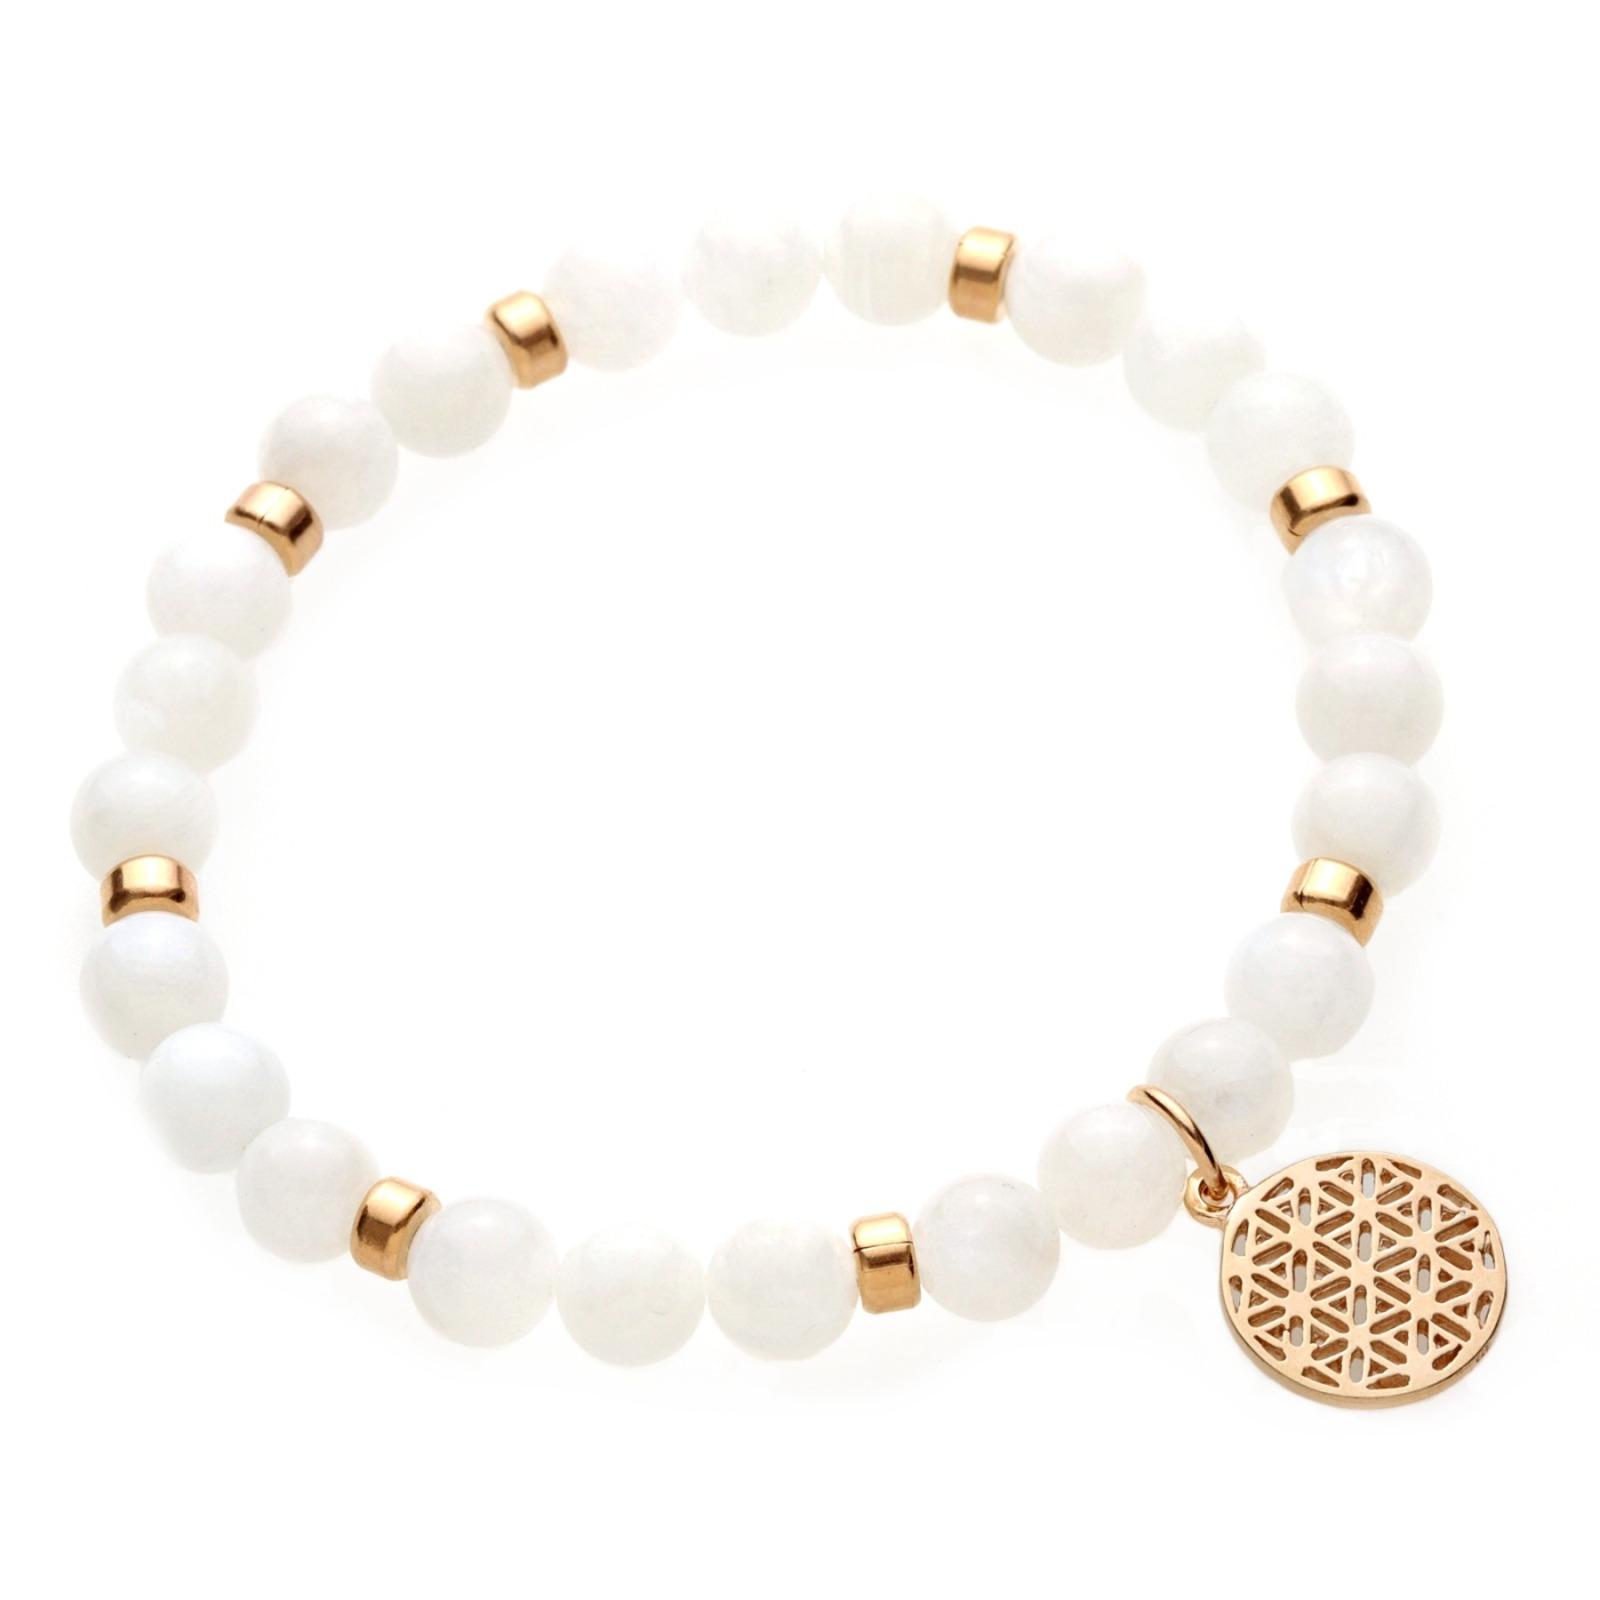 LEBENSBLUME Armband Frauen aus weißen MONDSTEINEN